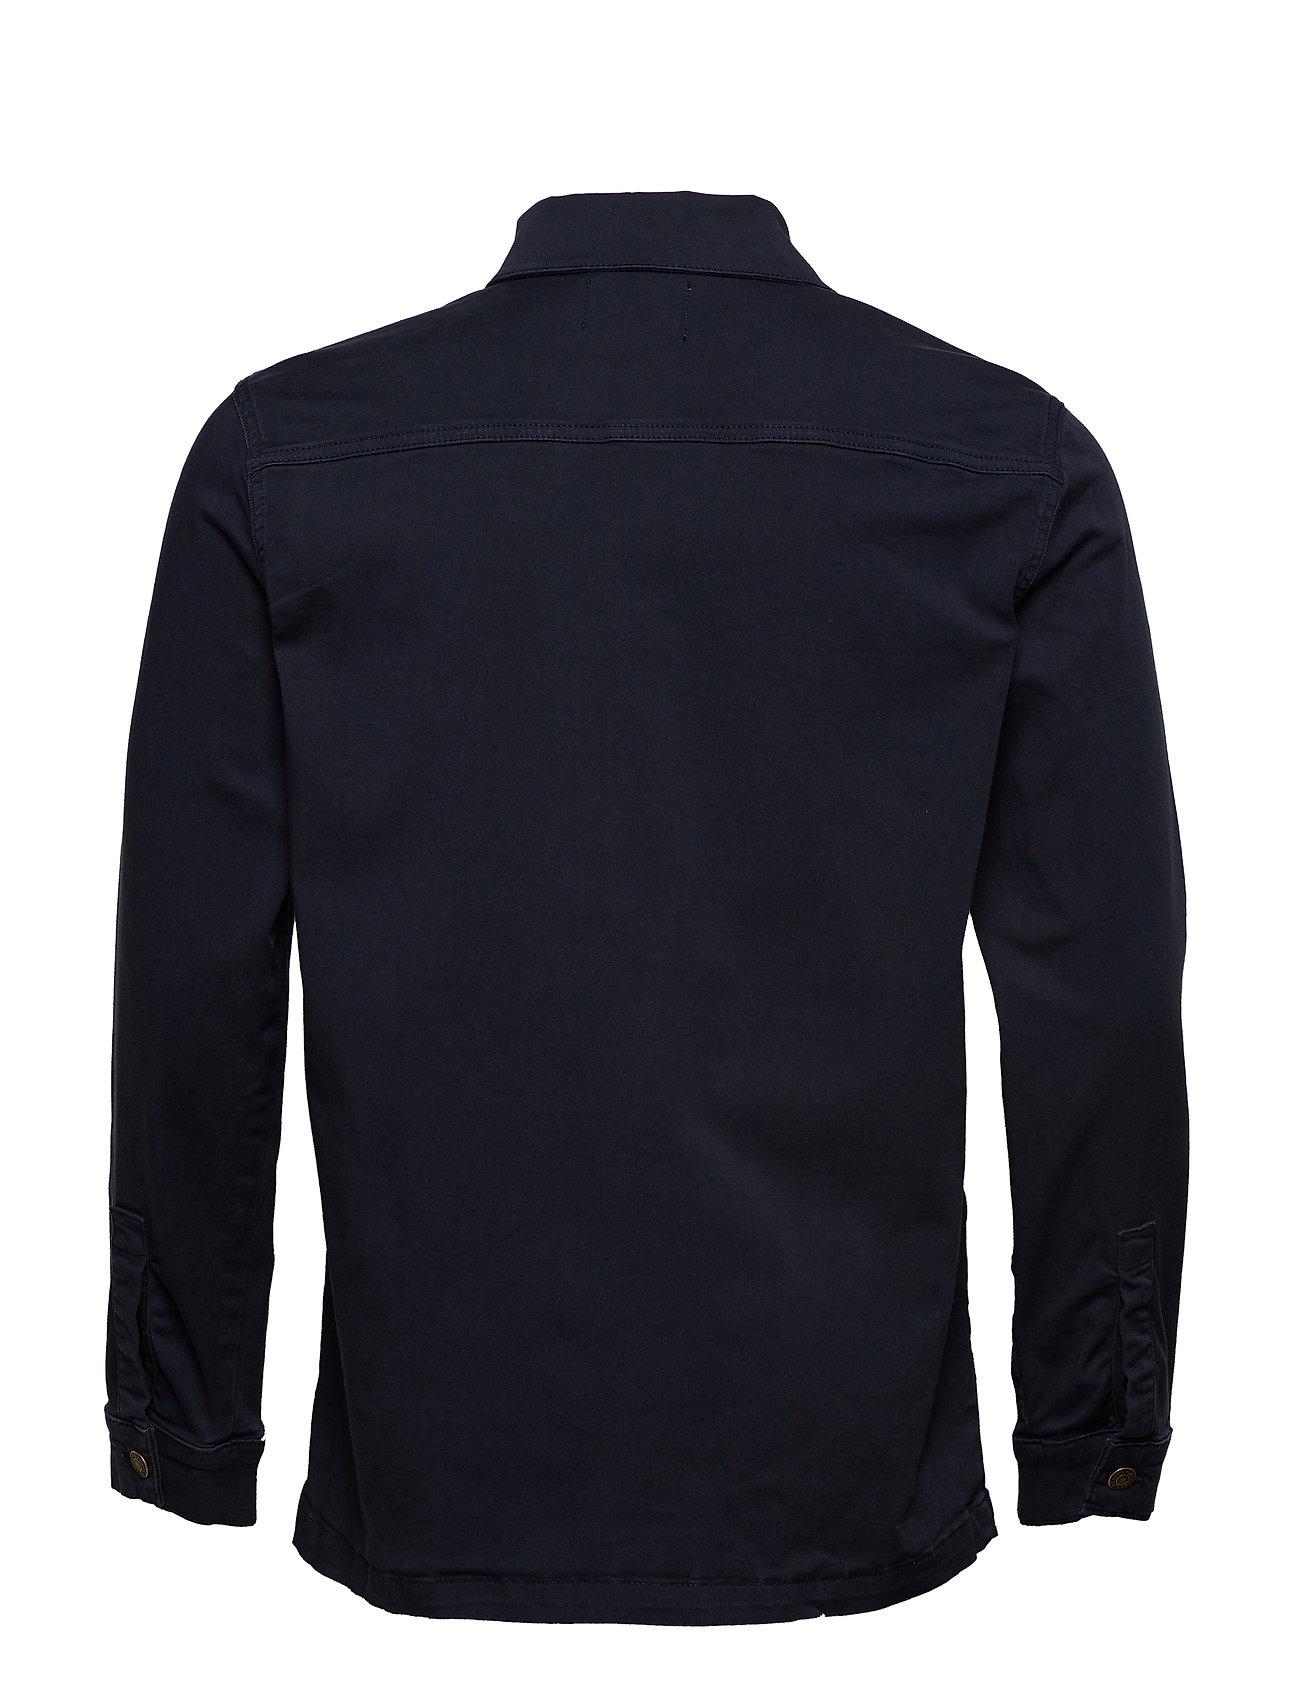 Orta Shirt Deux Orta Shirt Deux NavyLes Jacketdark Jacketdark Jacketdark Shirt Orta NavyLes NavyLes 45AL3jRq